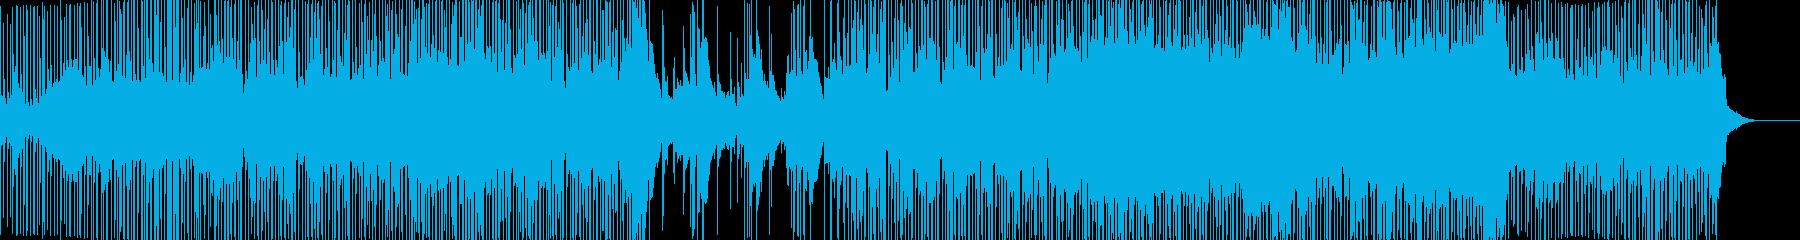 三味線とロックを融合した和テイストな楽曲の再生済みの波形